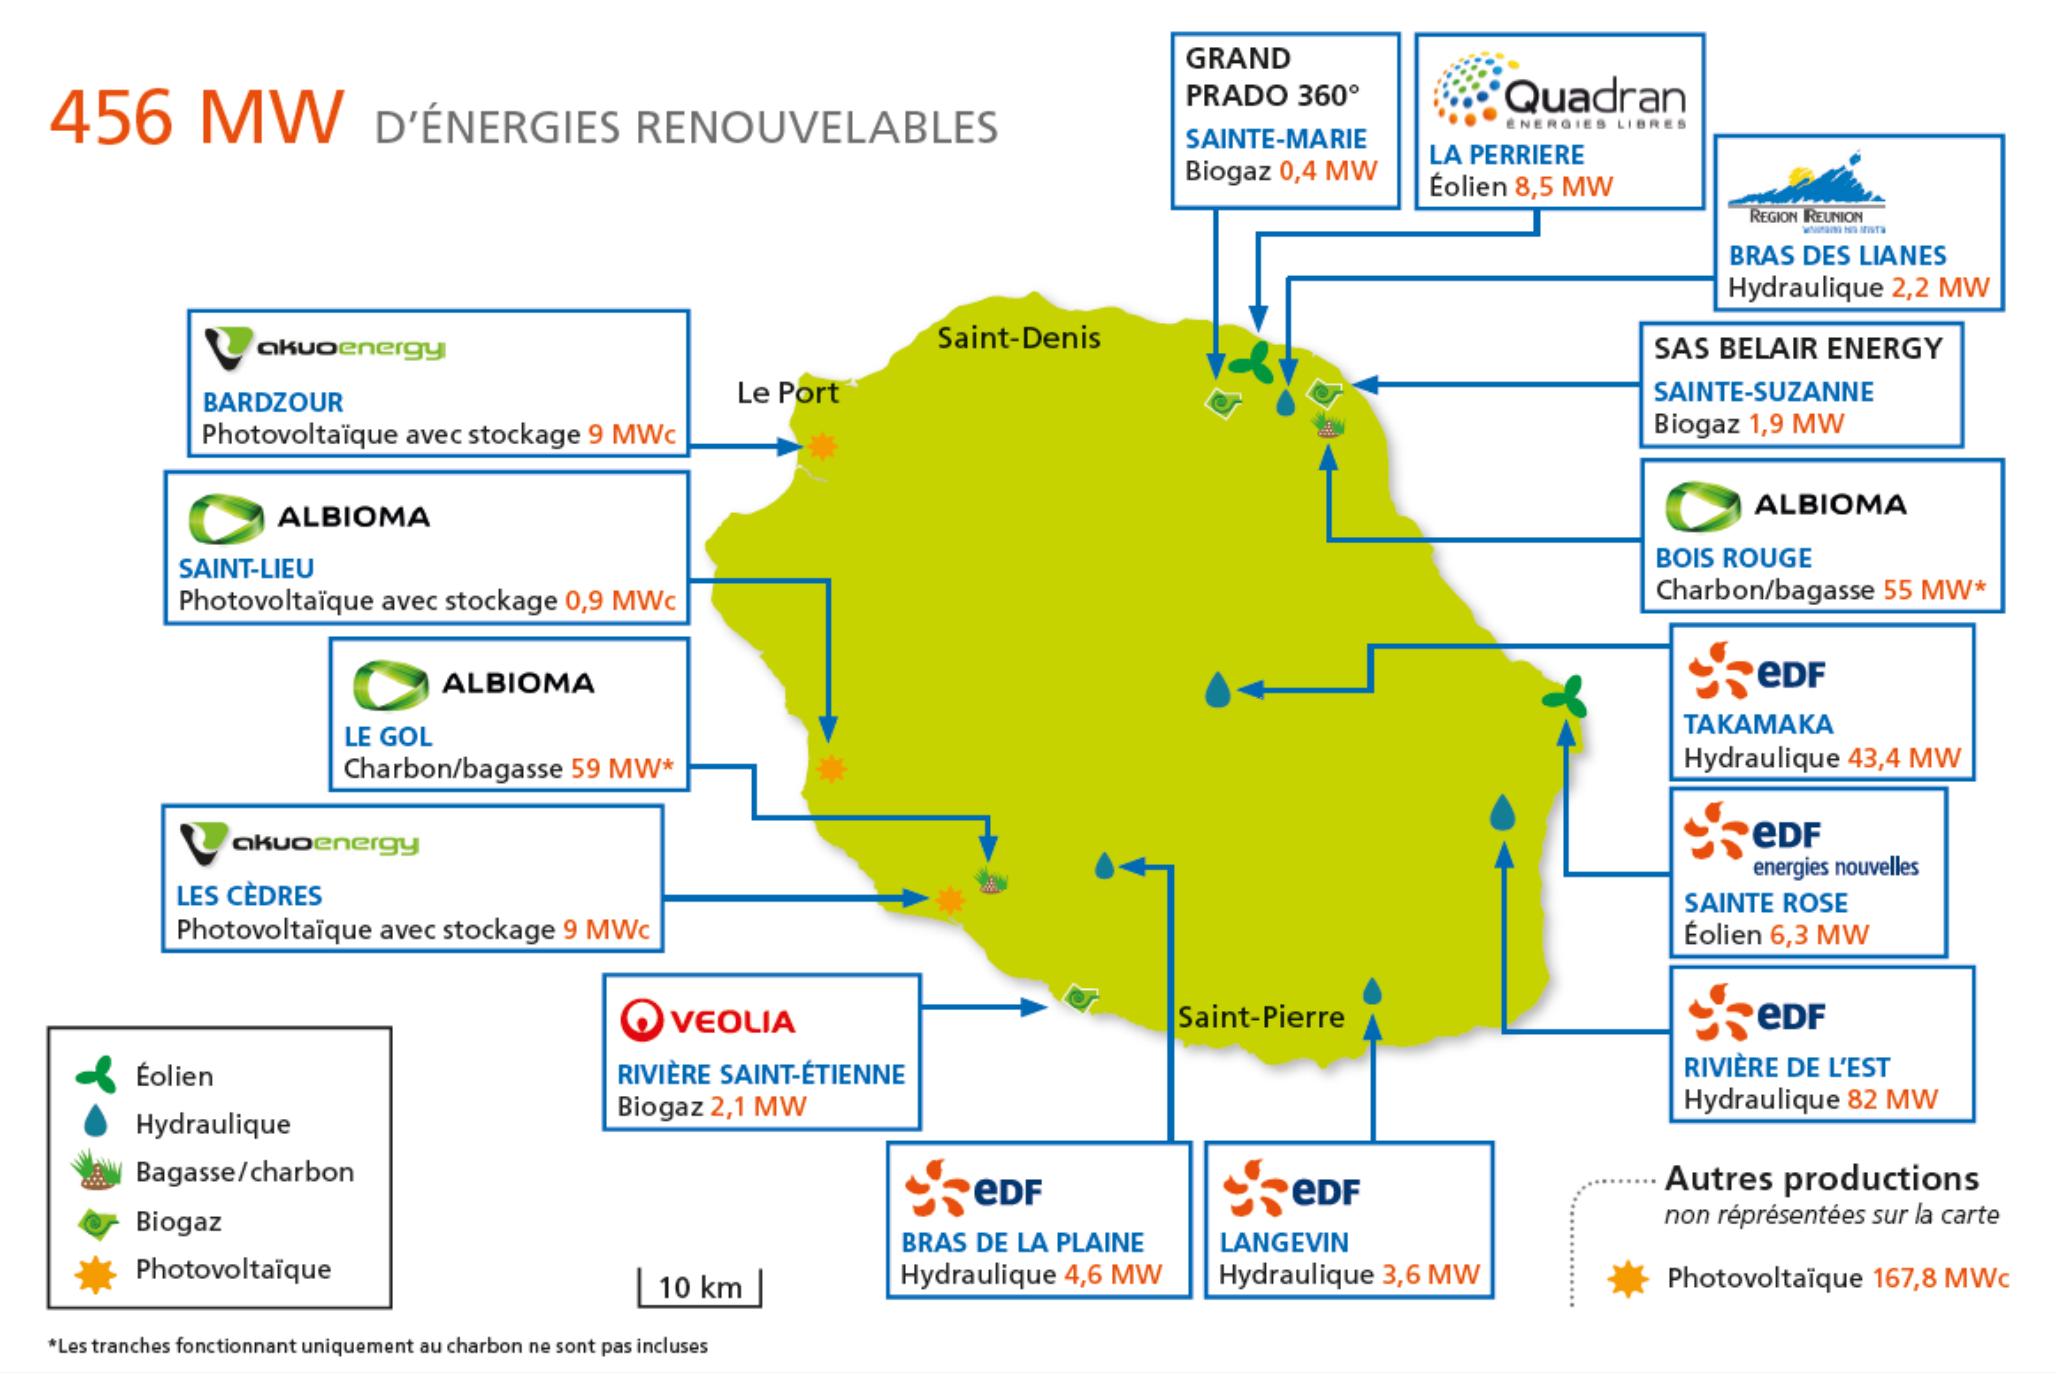 Carte-parc-energies-renouvelables-réunion